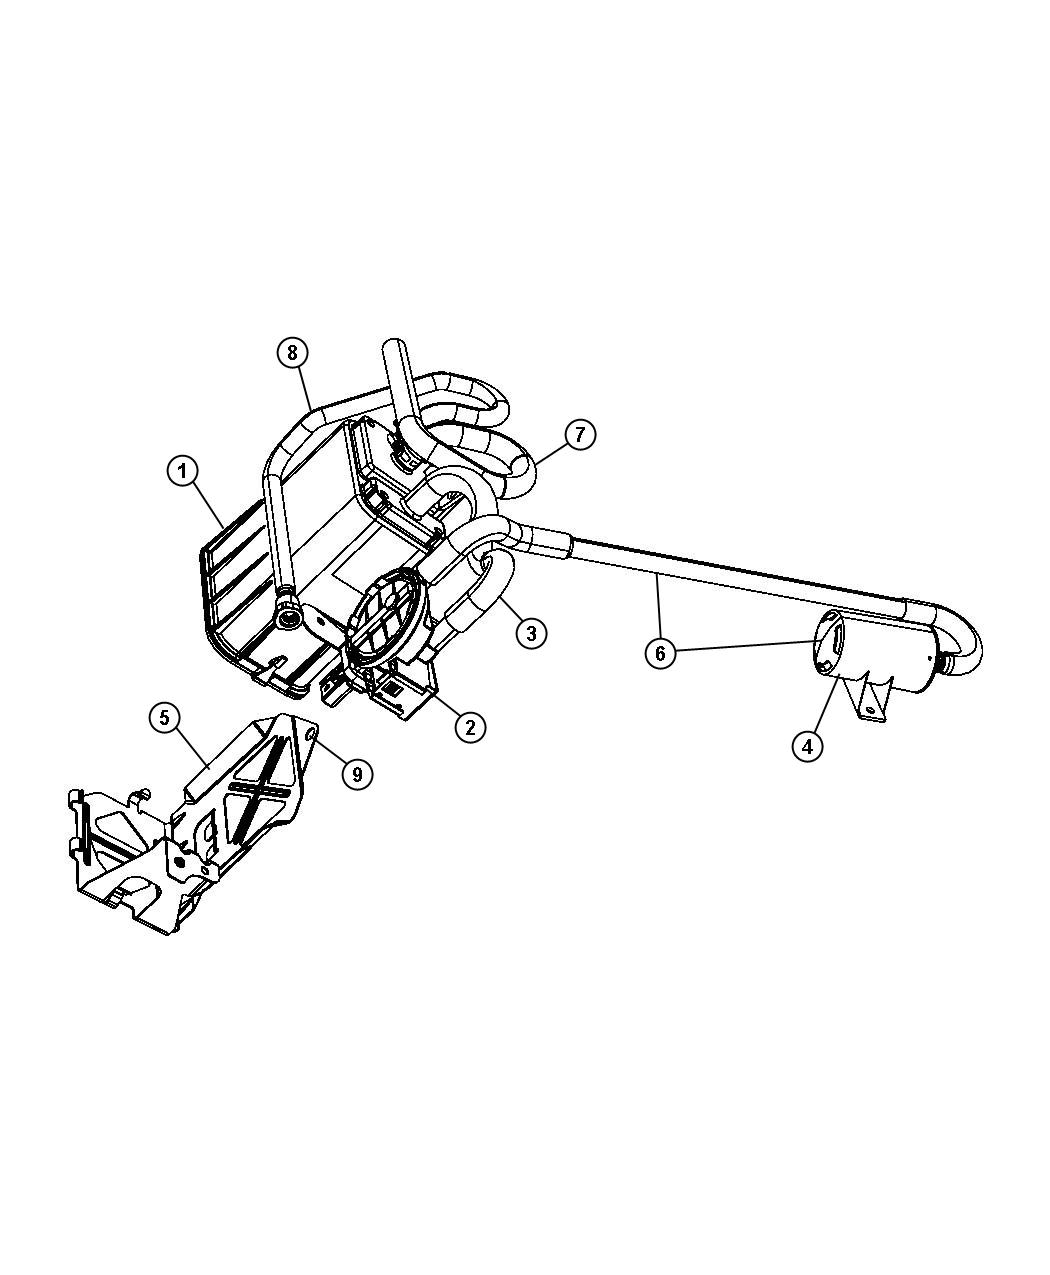 Chrysler Pt Cruiser Filter. Fuel vapor vent, leak